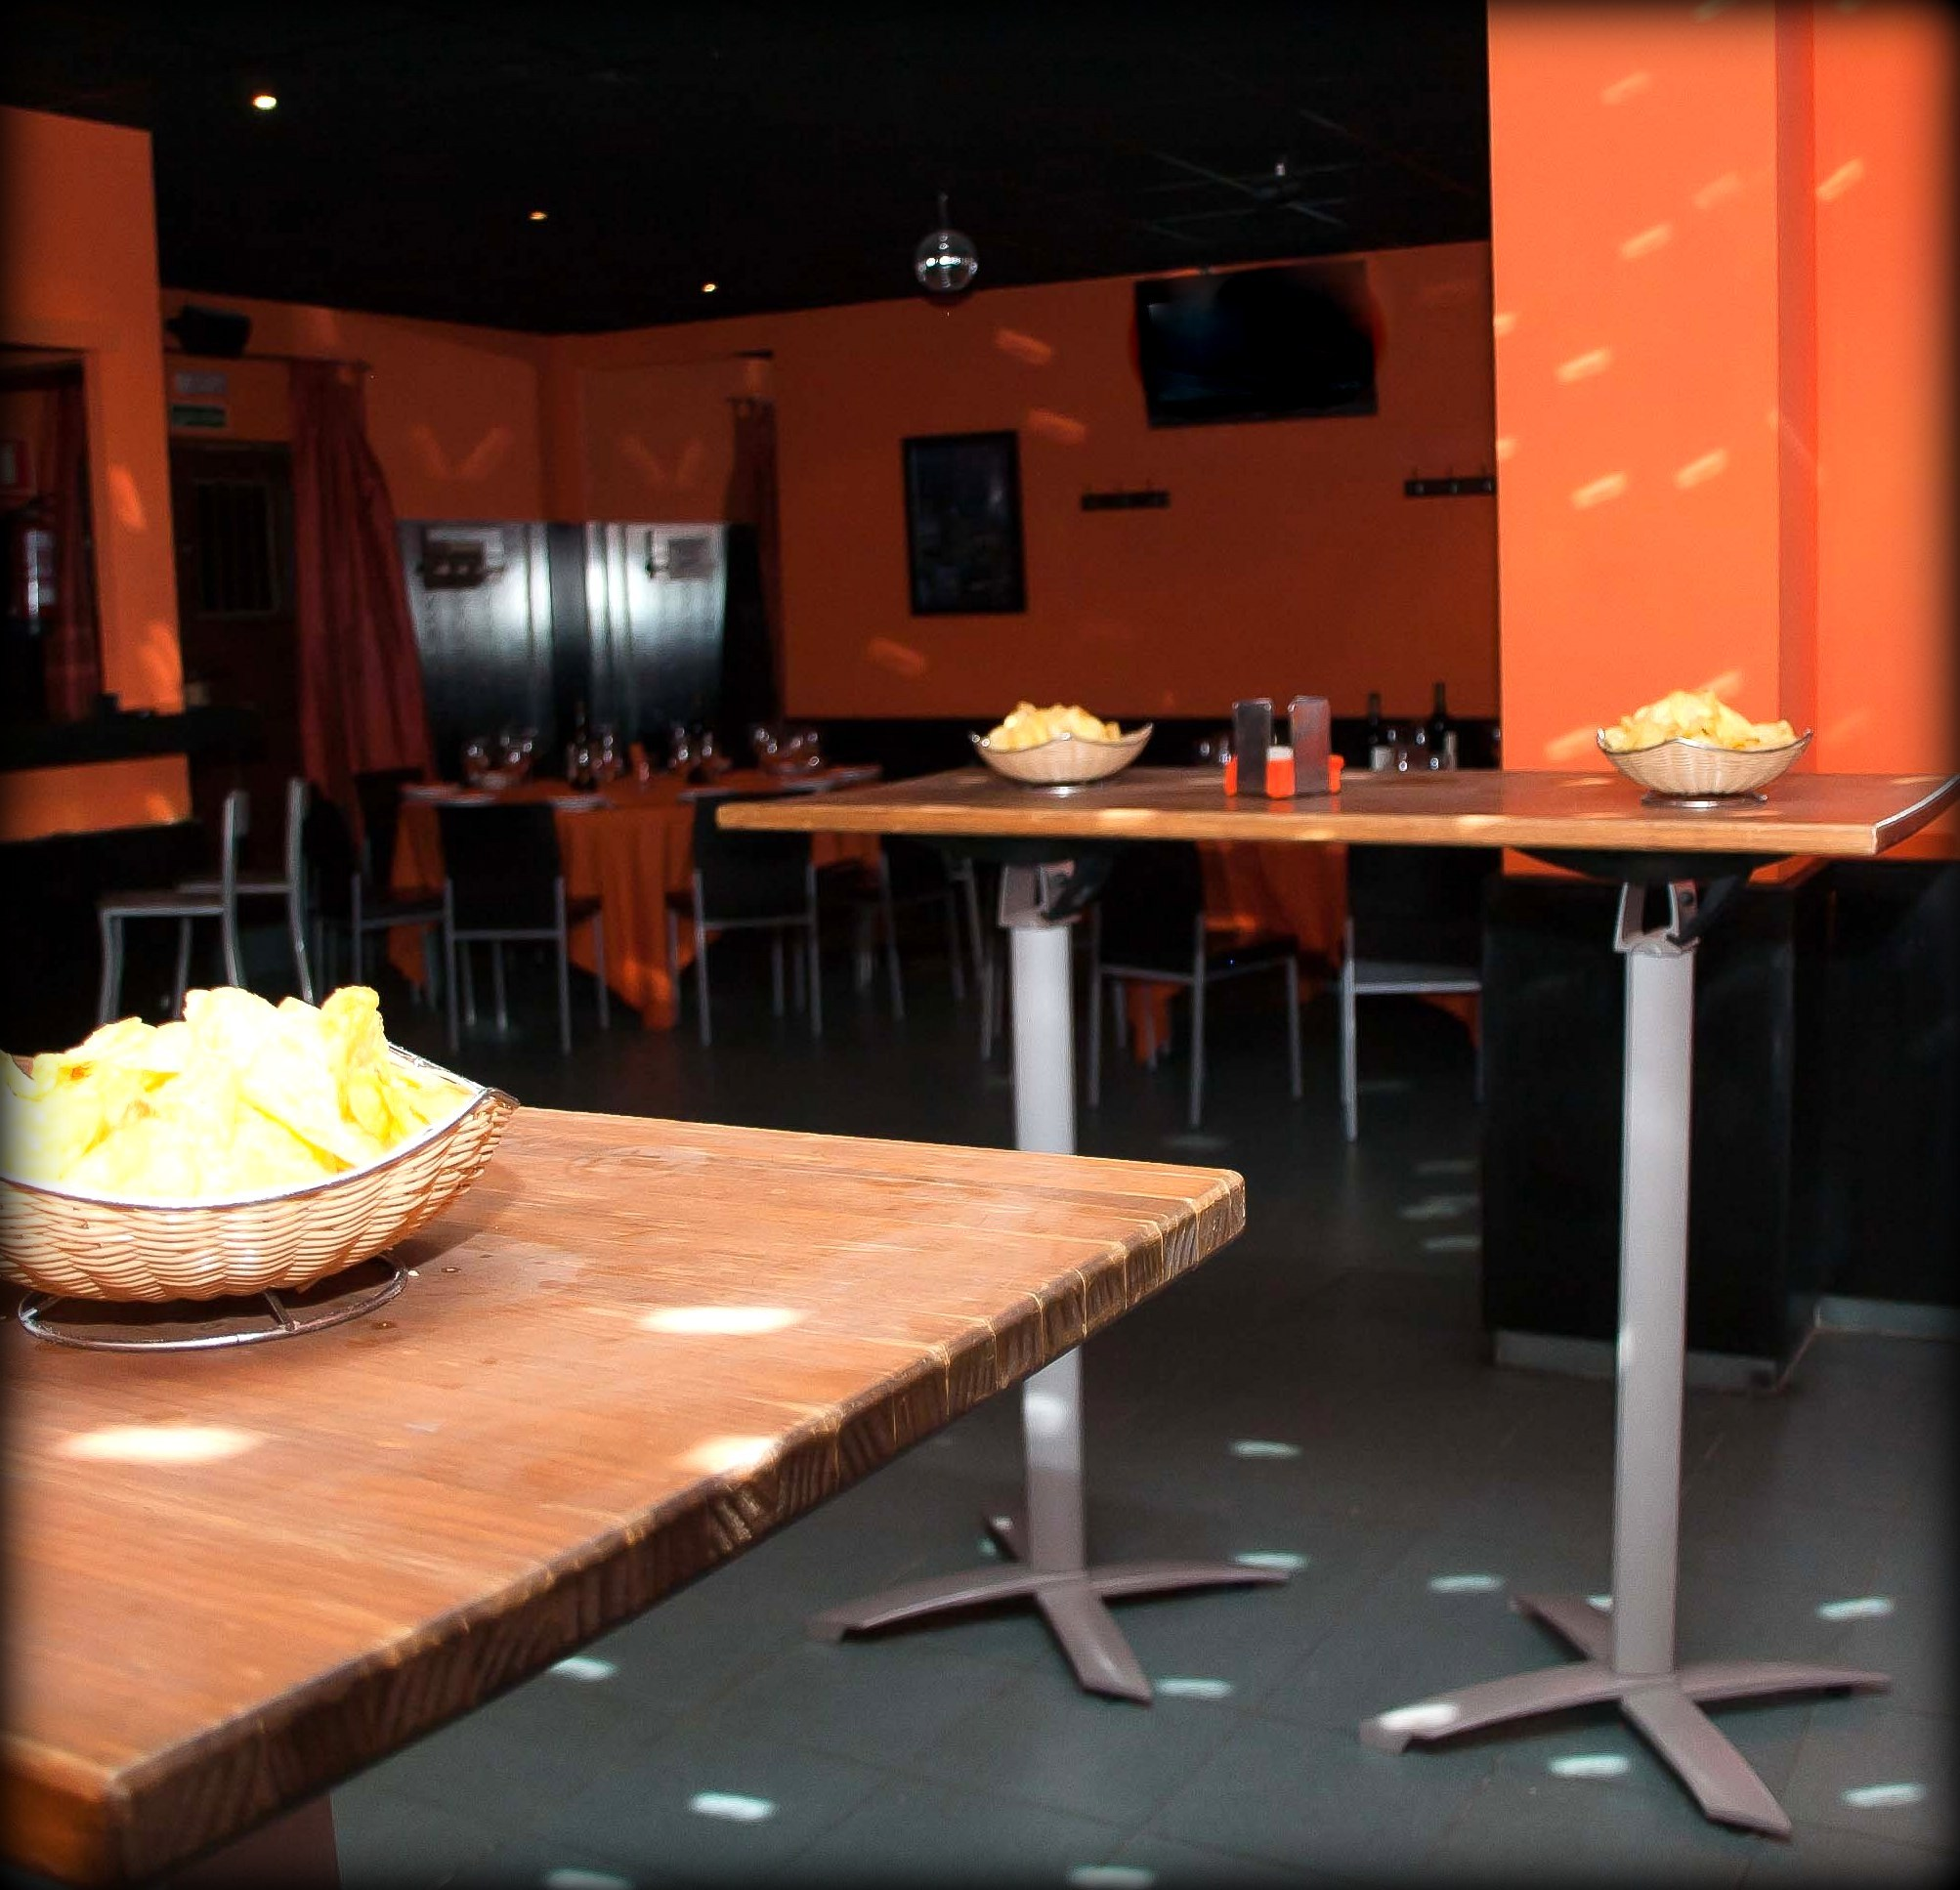 La alternativa las rozas restaurante bar de copas disfruta distintos ambientes seg n la hora - Spa las rozas ...